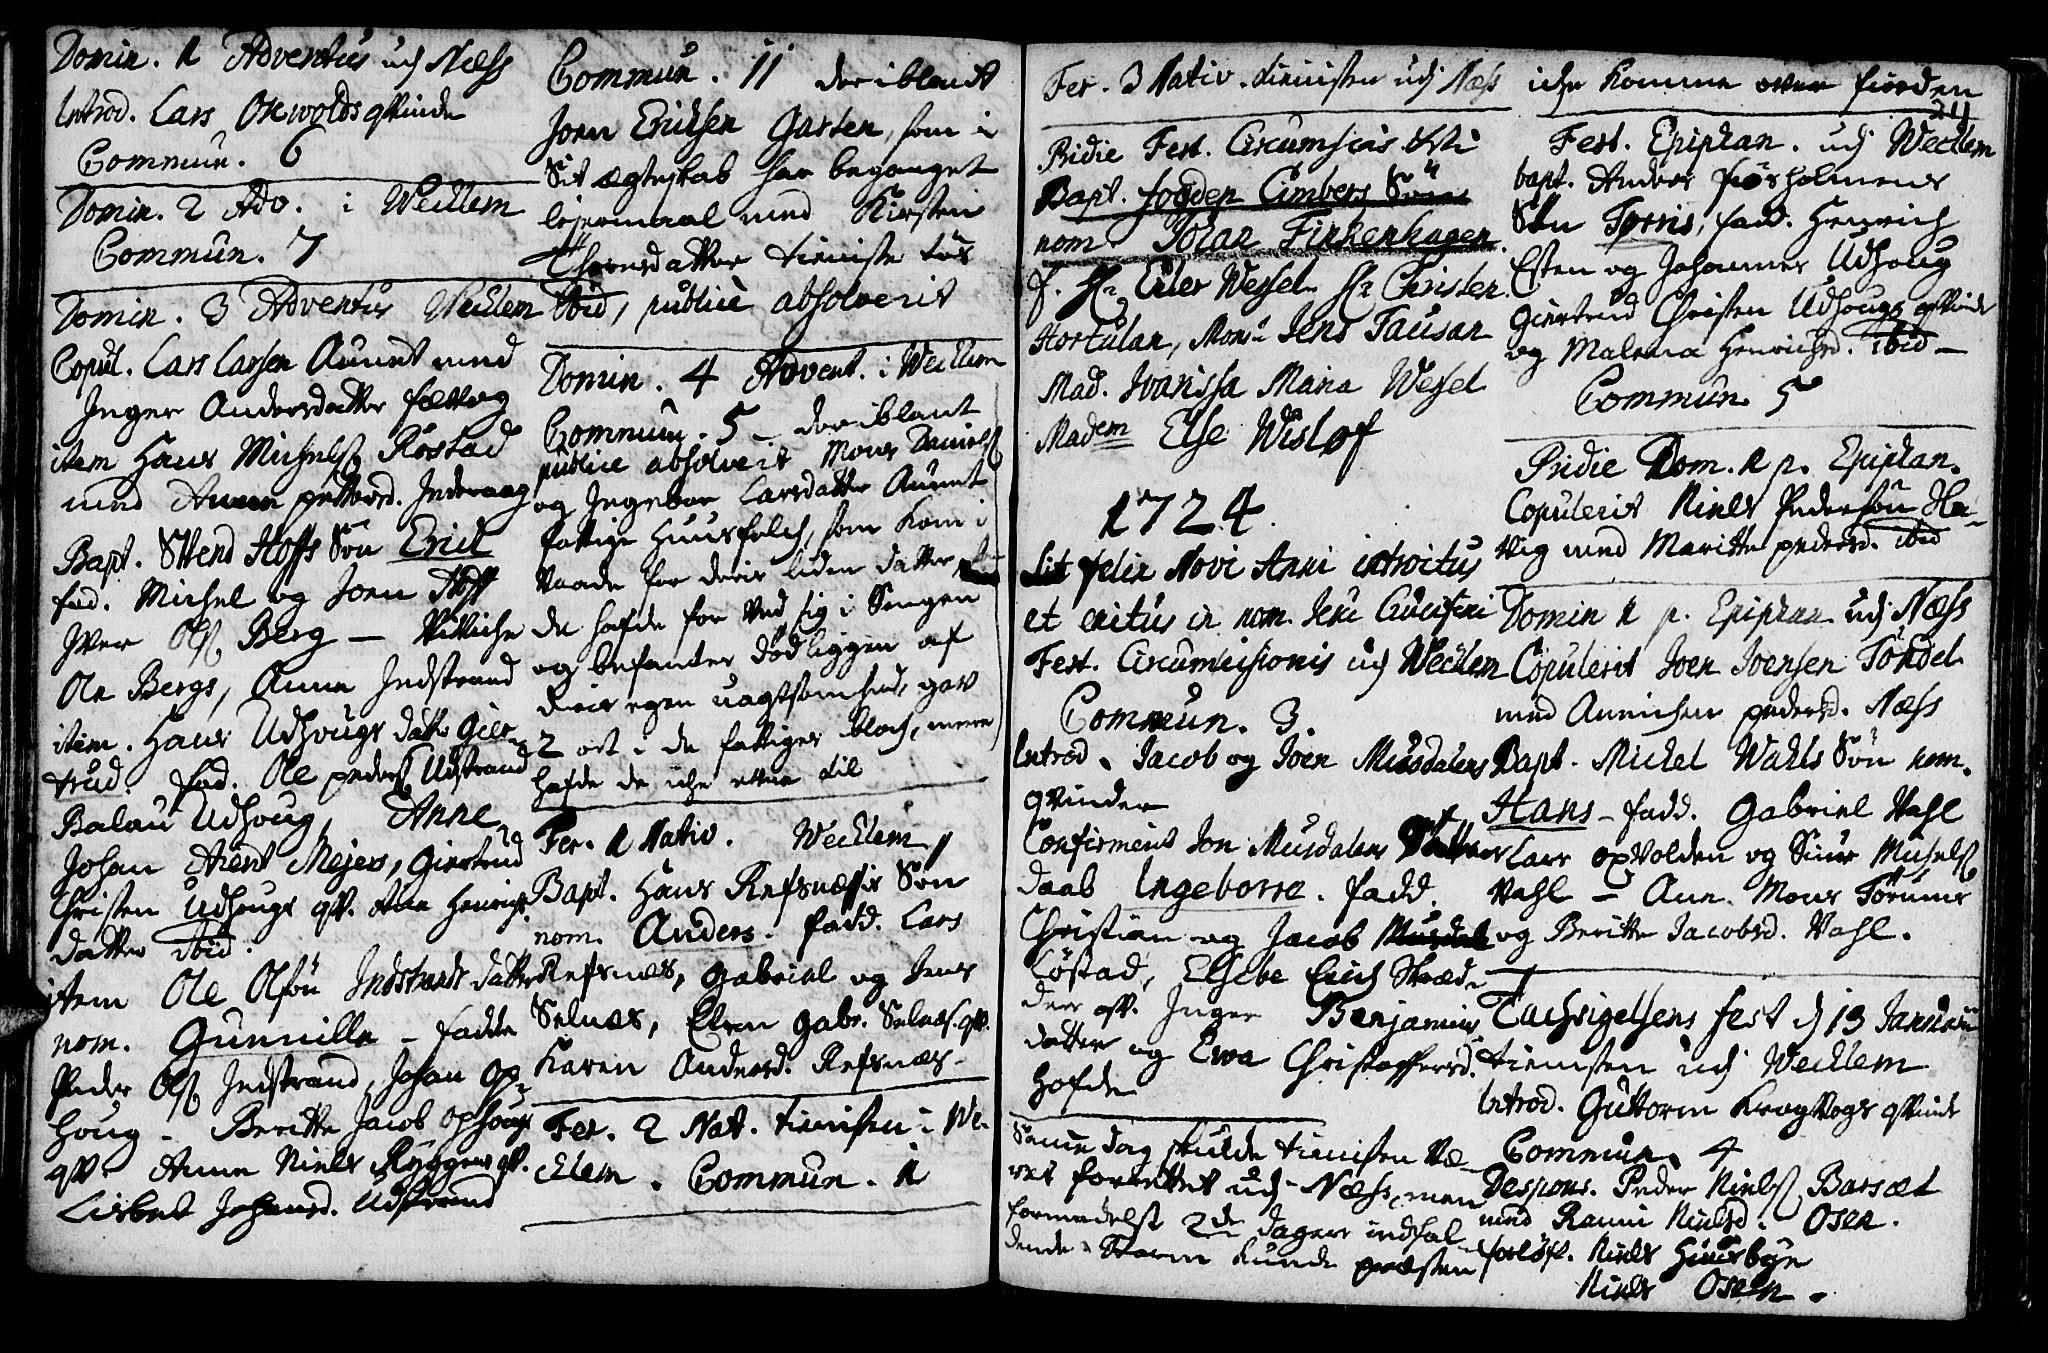 SAT, Ministerialprotokoller, klokkerbøker og fødselsregistre - Sør-Trøndelag, 659/L0731: Ministerialbok nr. 659A01, 1709-1731, s. 210-211